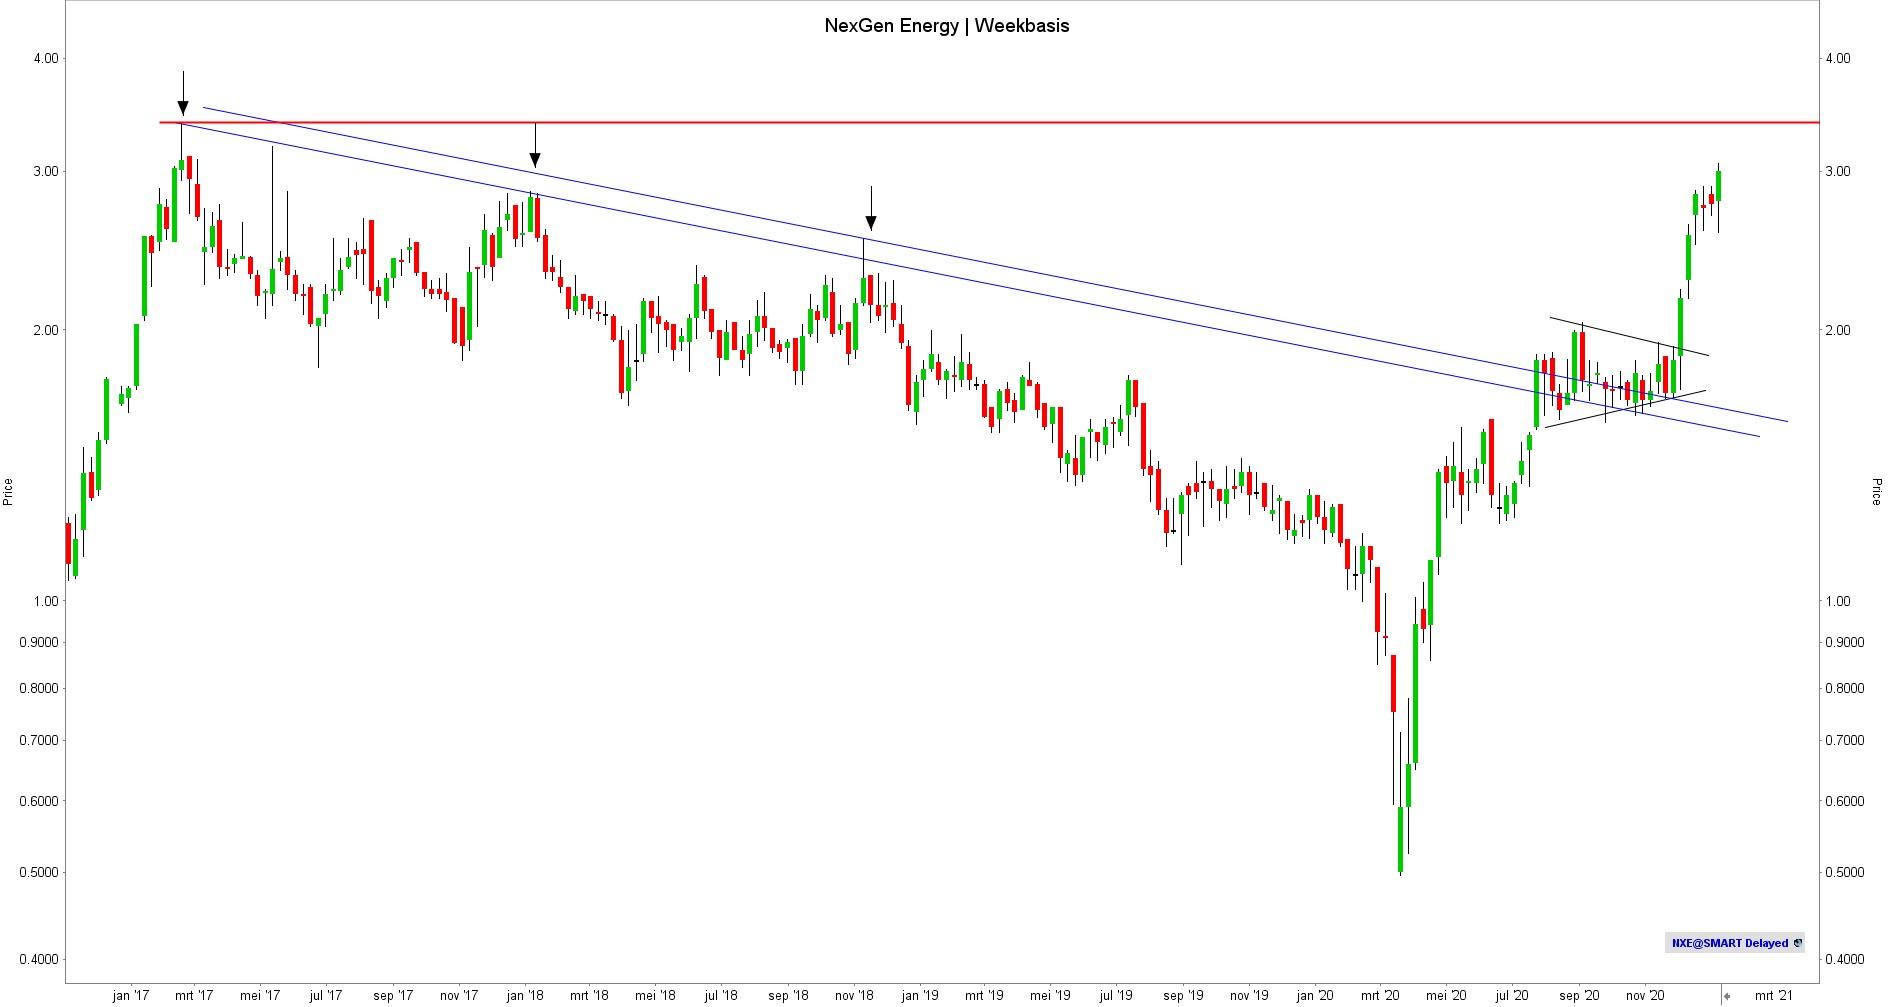 NexGen Energy Weekly - TA